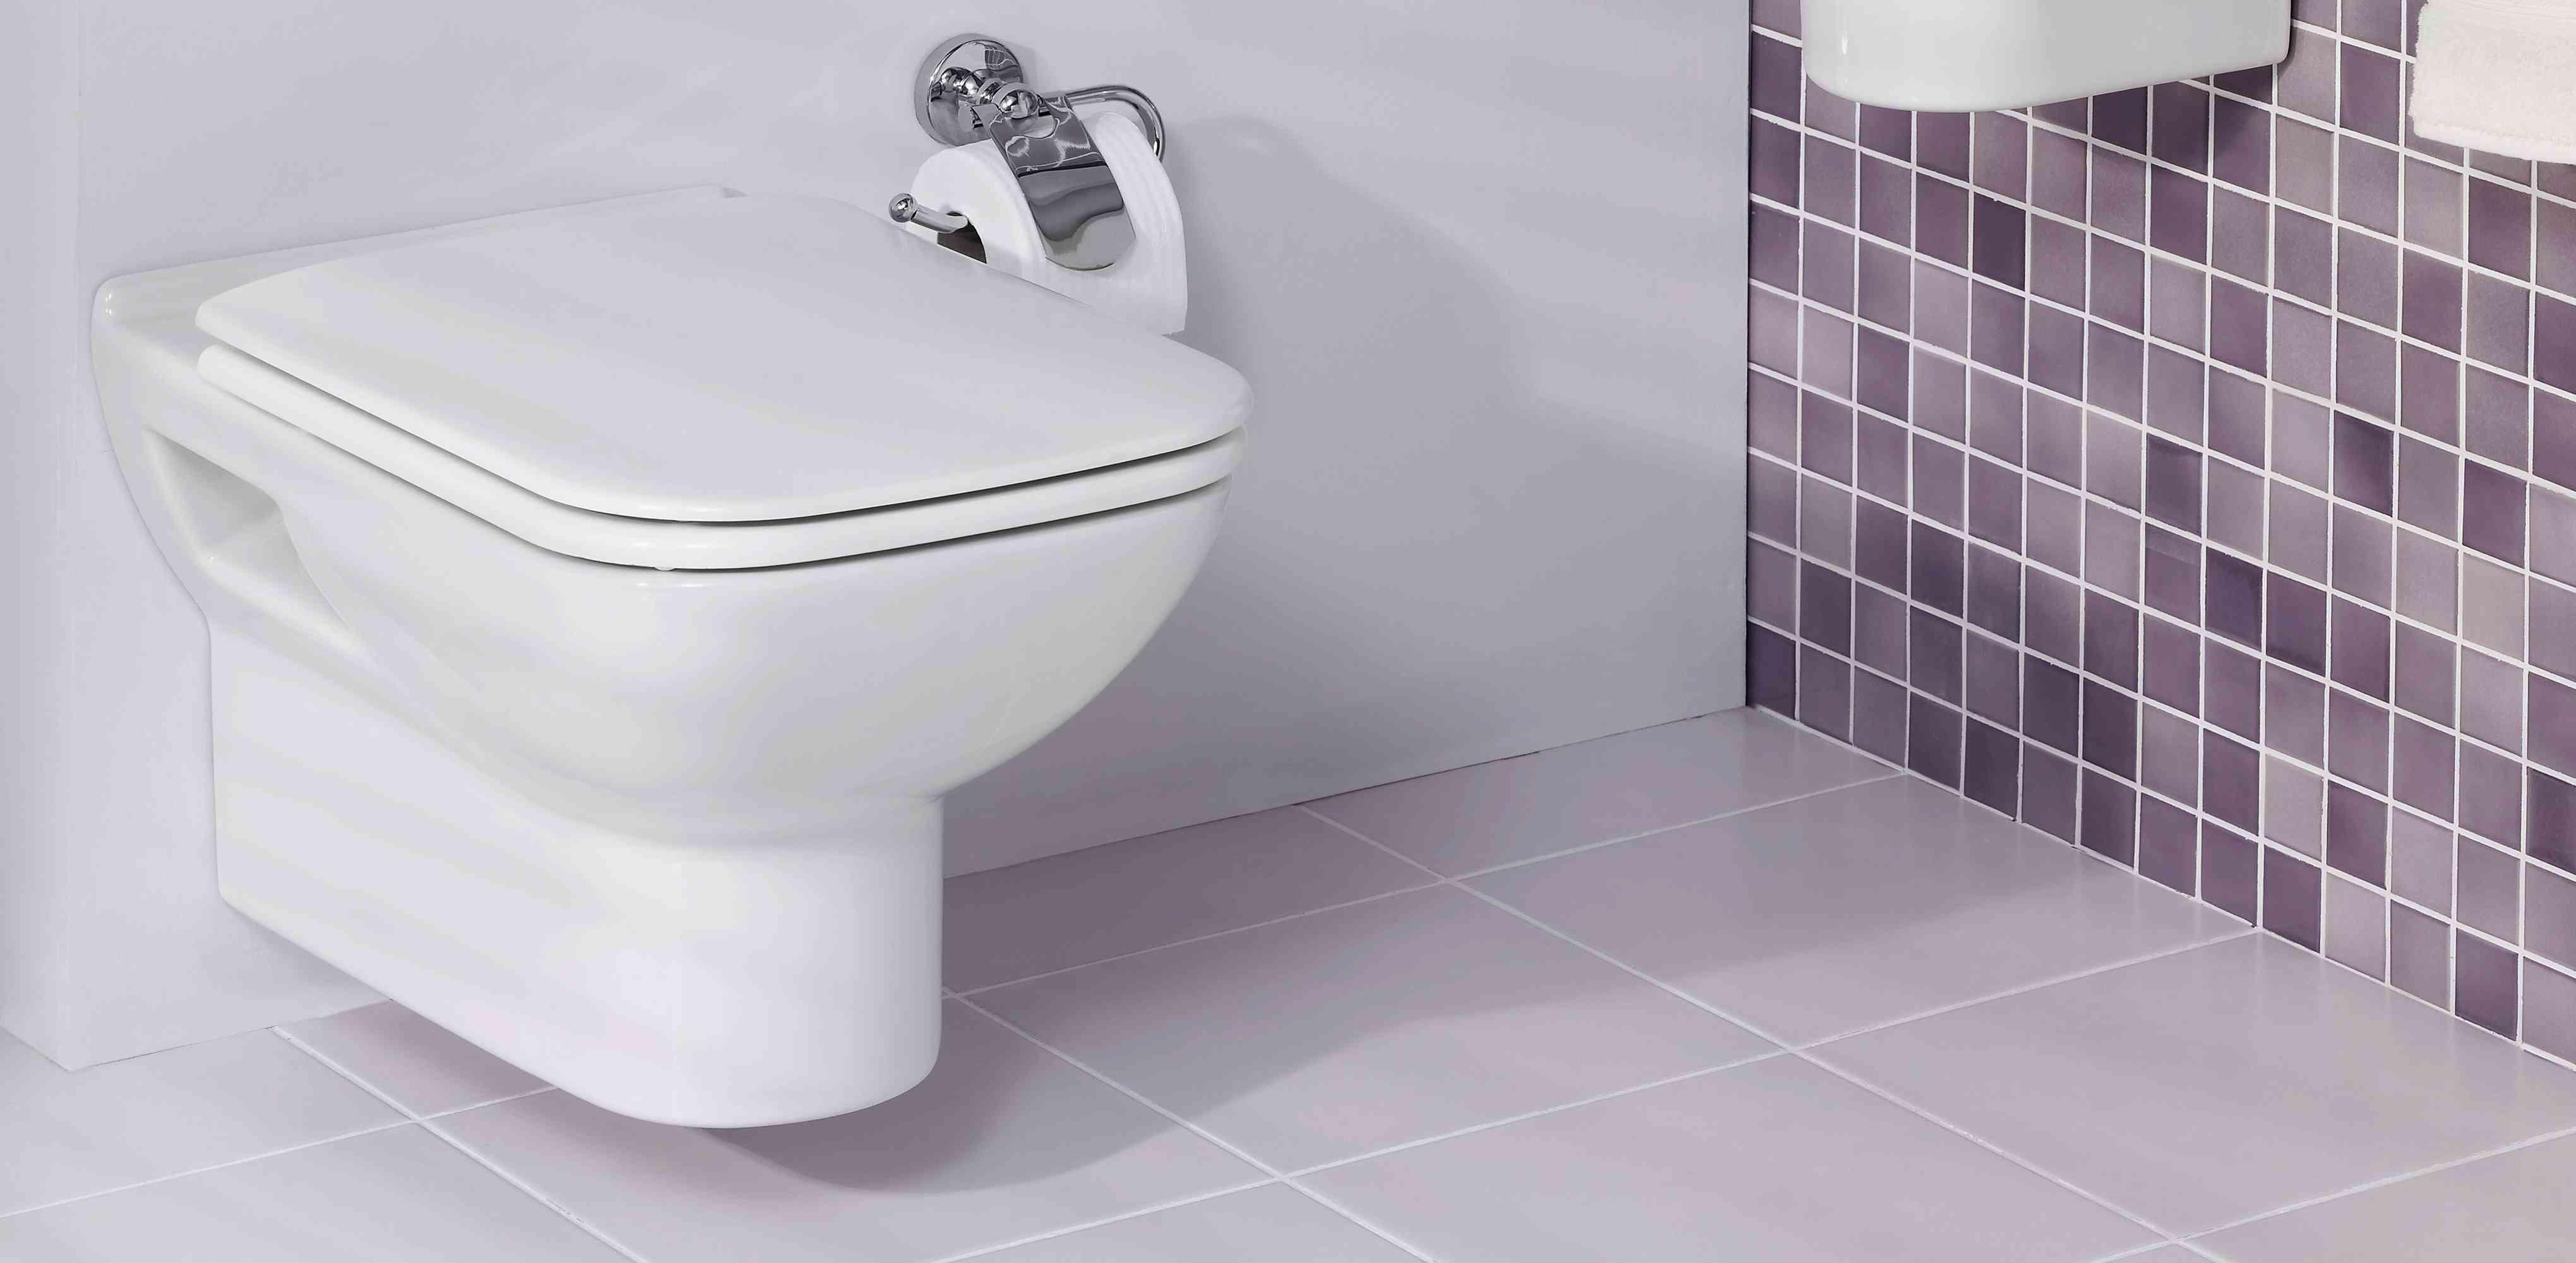 Wc Qui Déborde, Toilettes Bouchées, Problème D'évacuation concernant Toilettes Bouchées